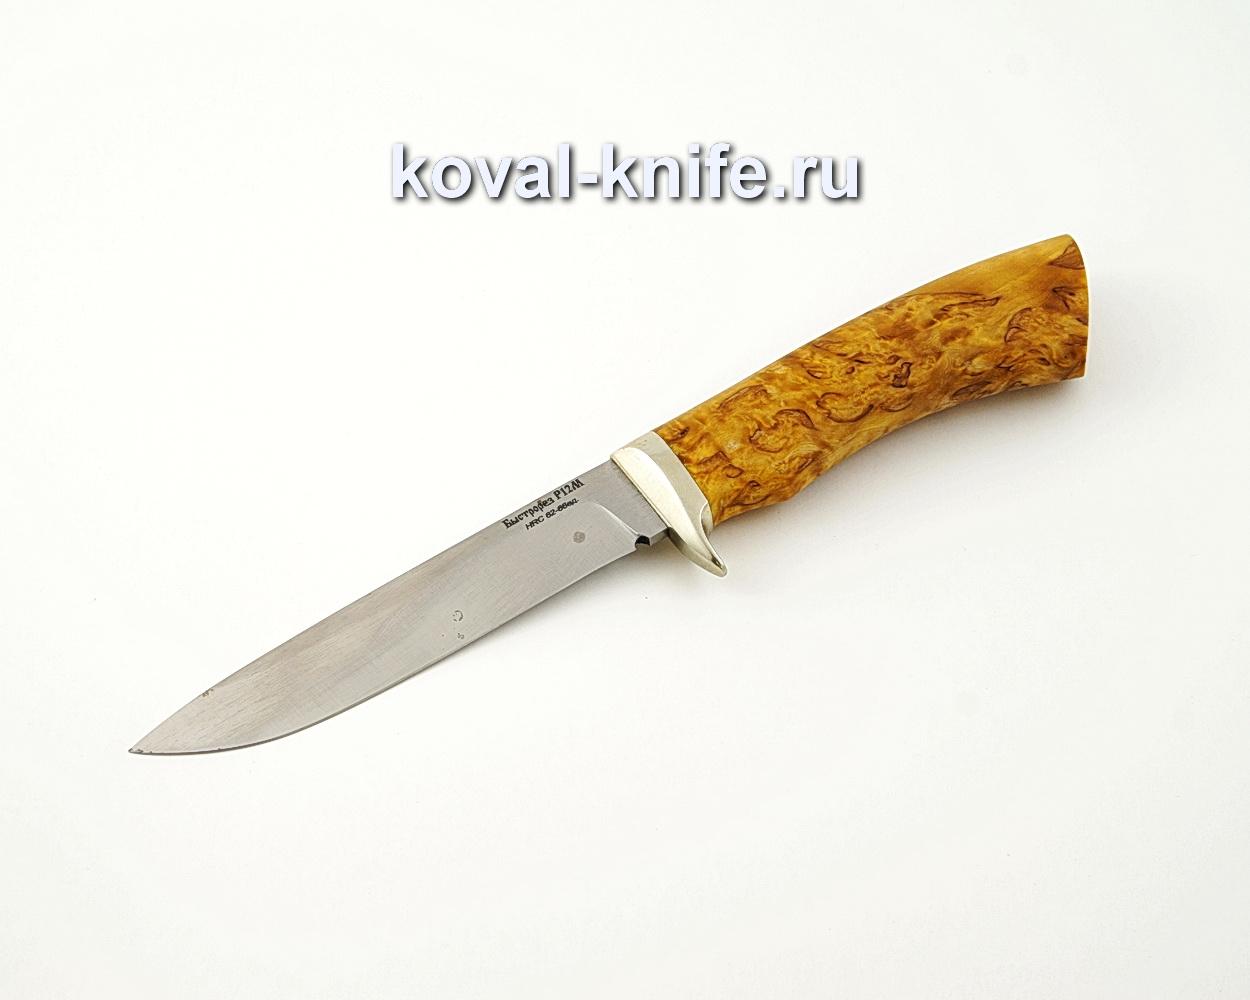 Нож Турист из быстрореза Р12М с рукоятью из стабилизированной карельской березы, гарда мельхиор A522